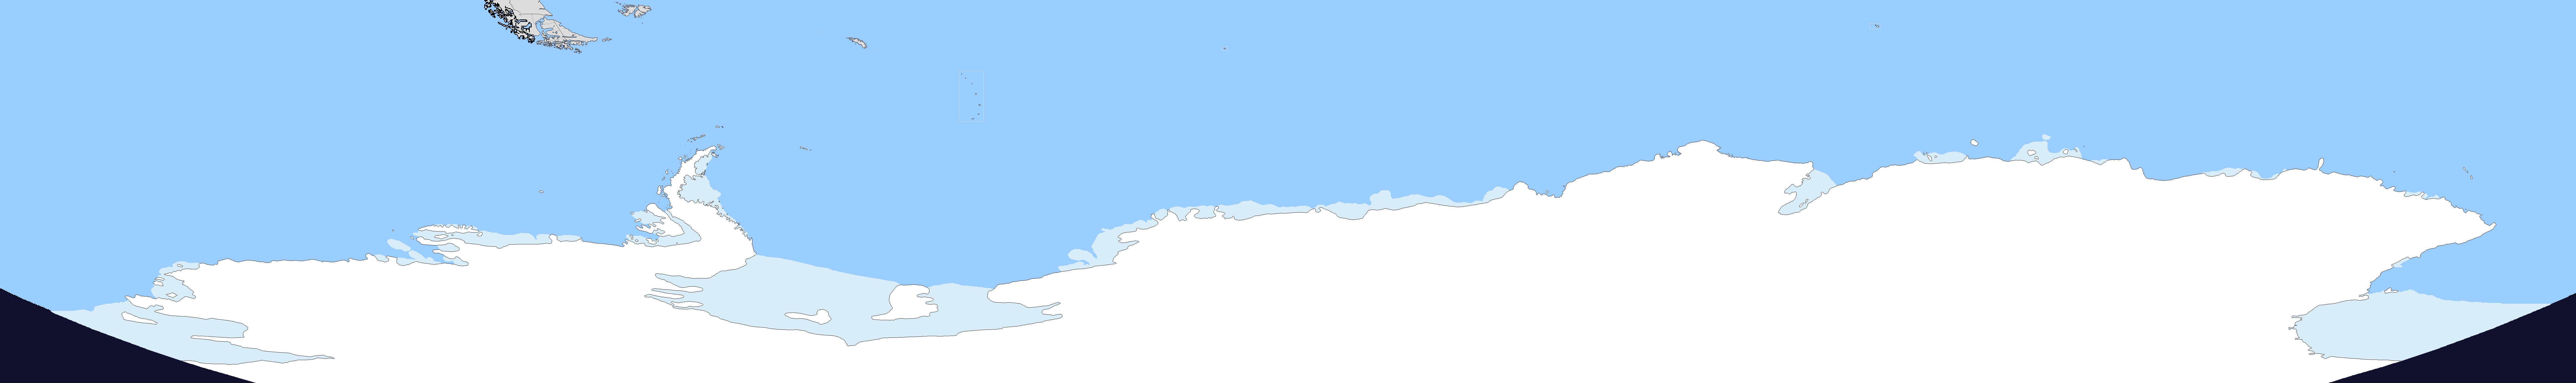 Antarctica.png